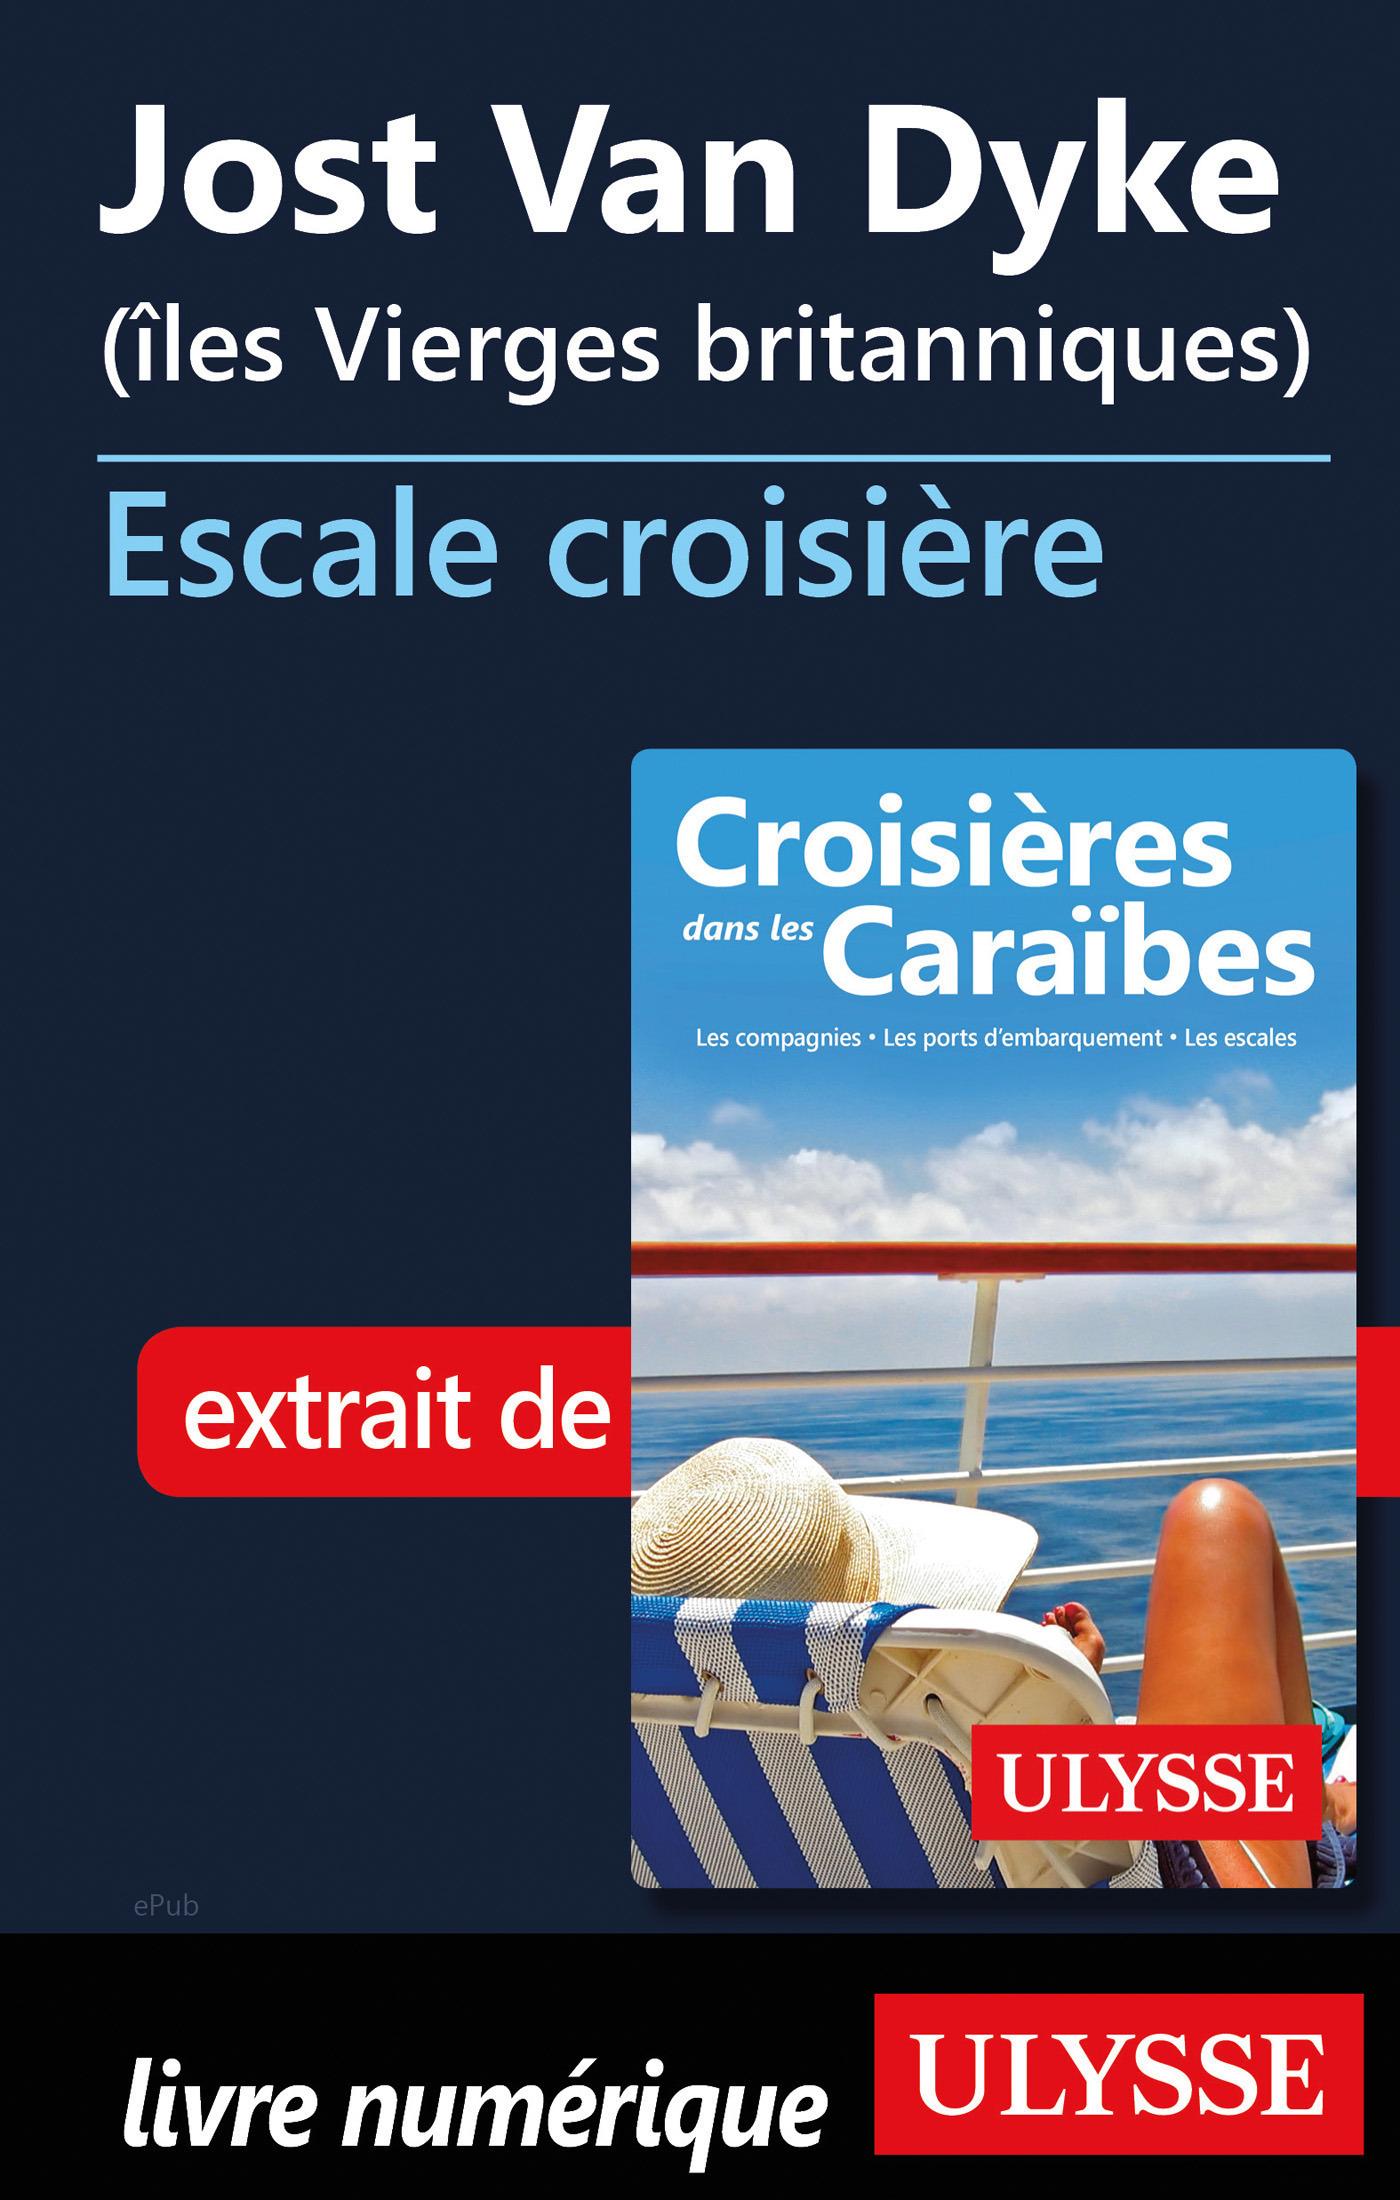 Jost Van Dyke Iles Vierges britanniques - Escale de croisière